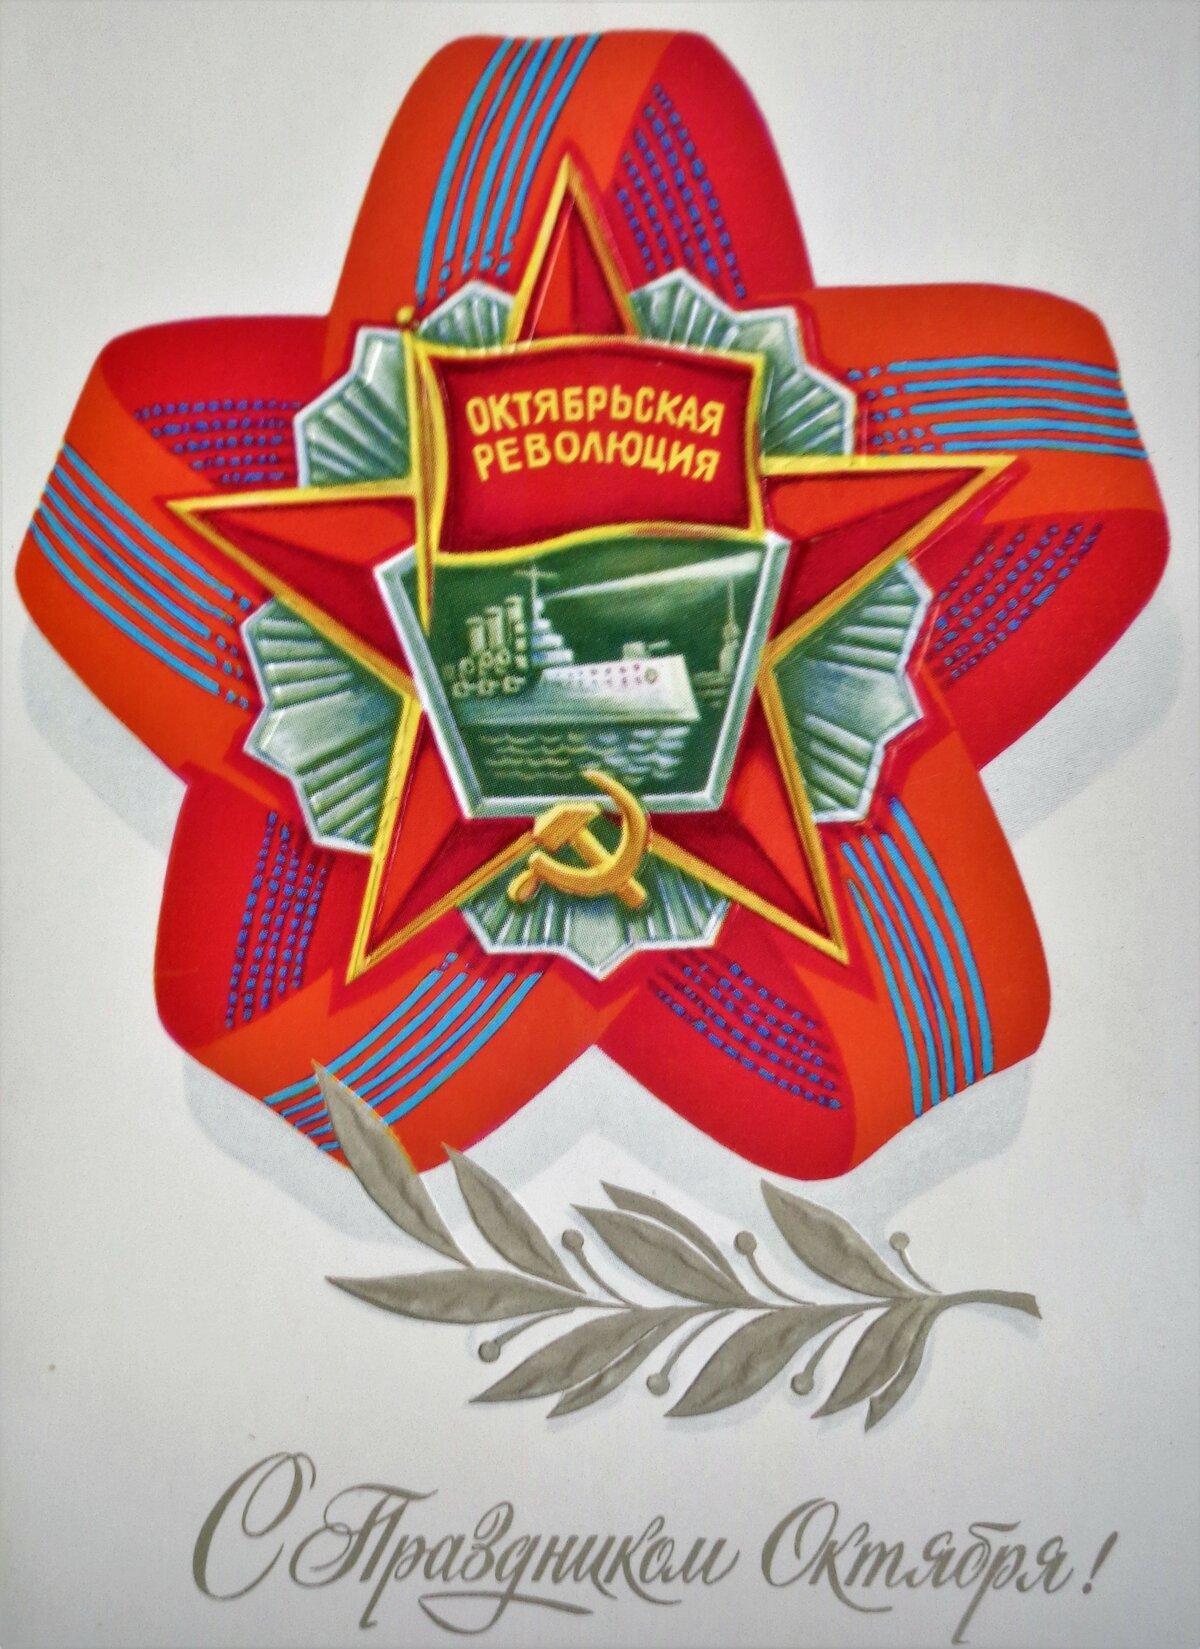 все открытка патриоты сорт